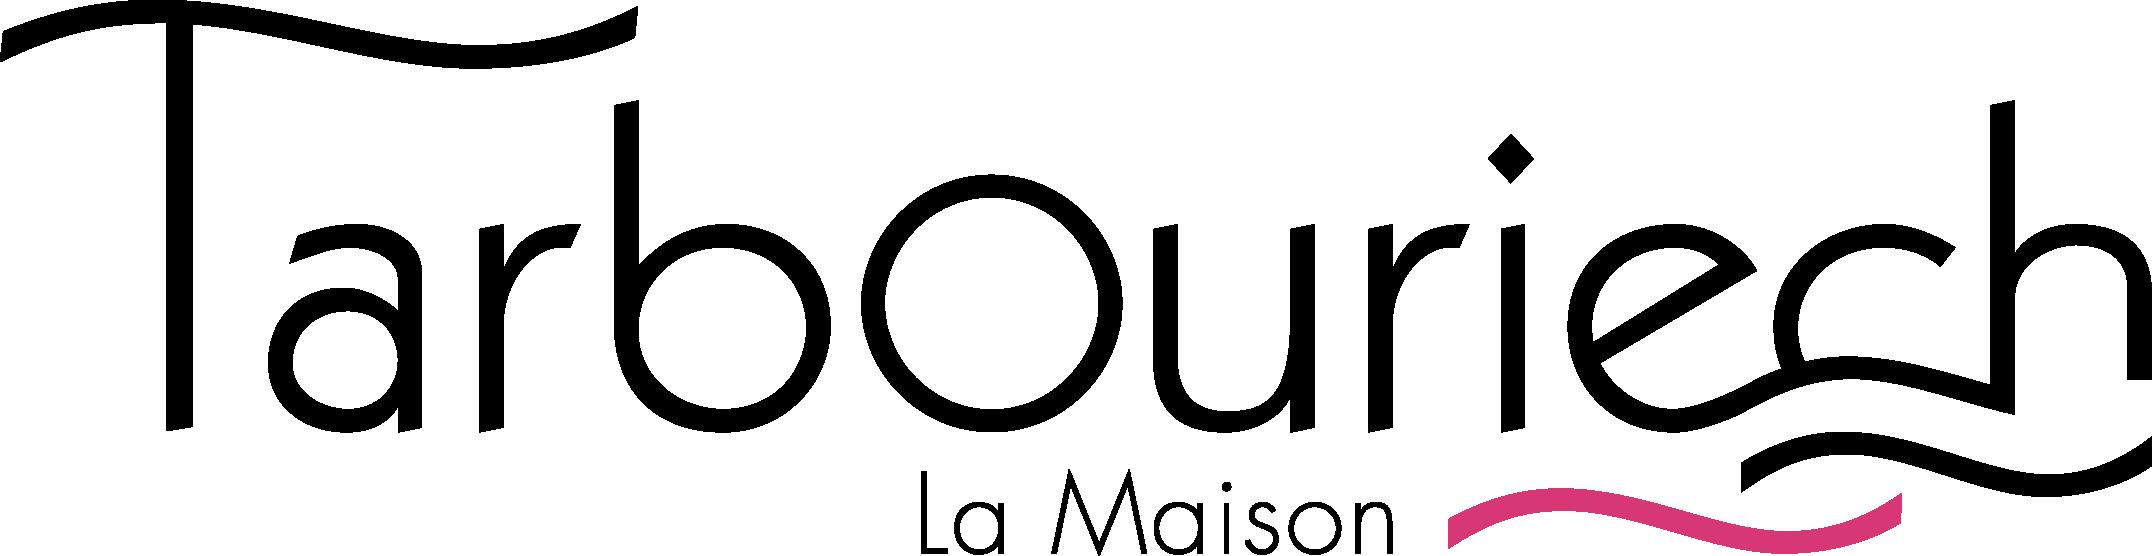 Tarbouriech